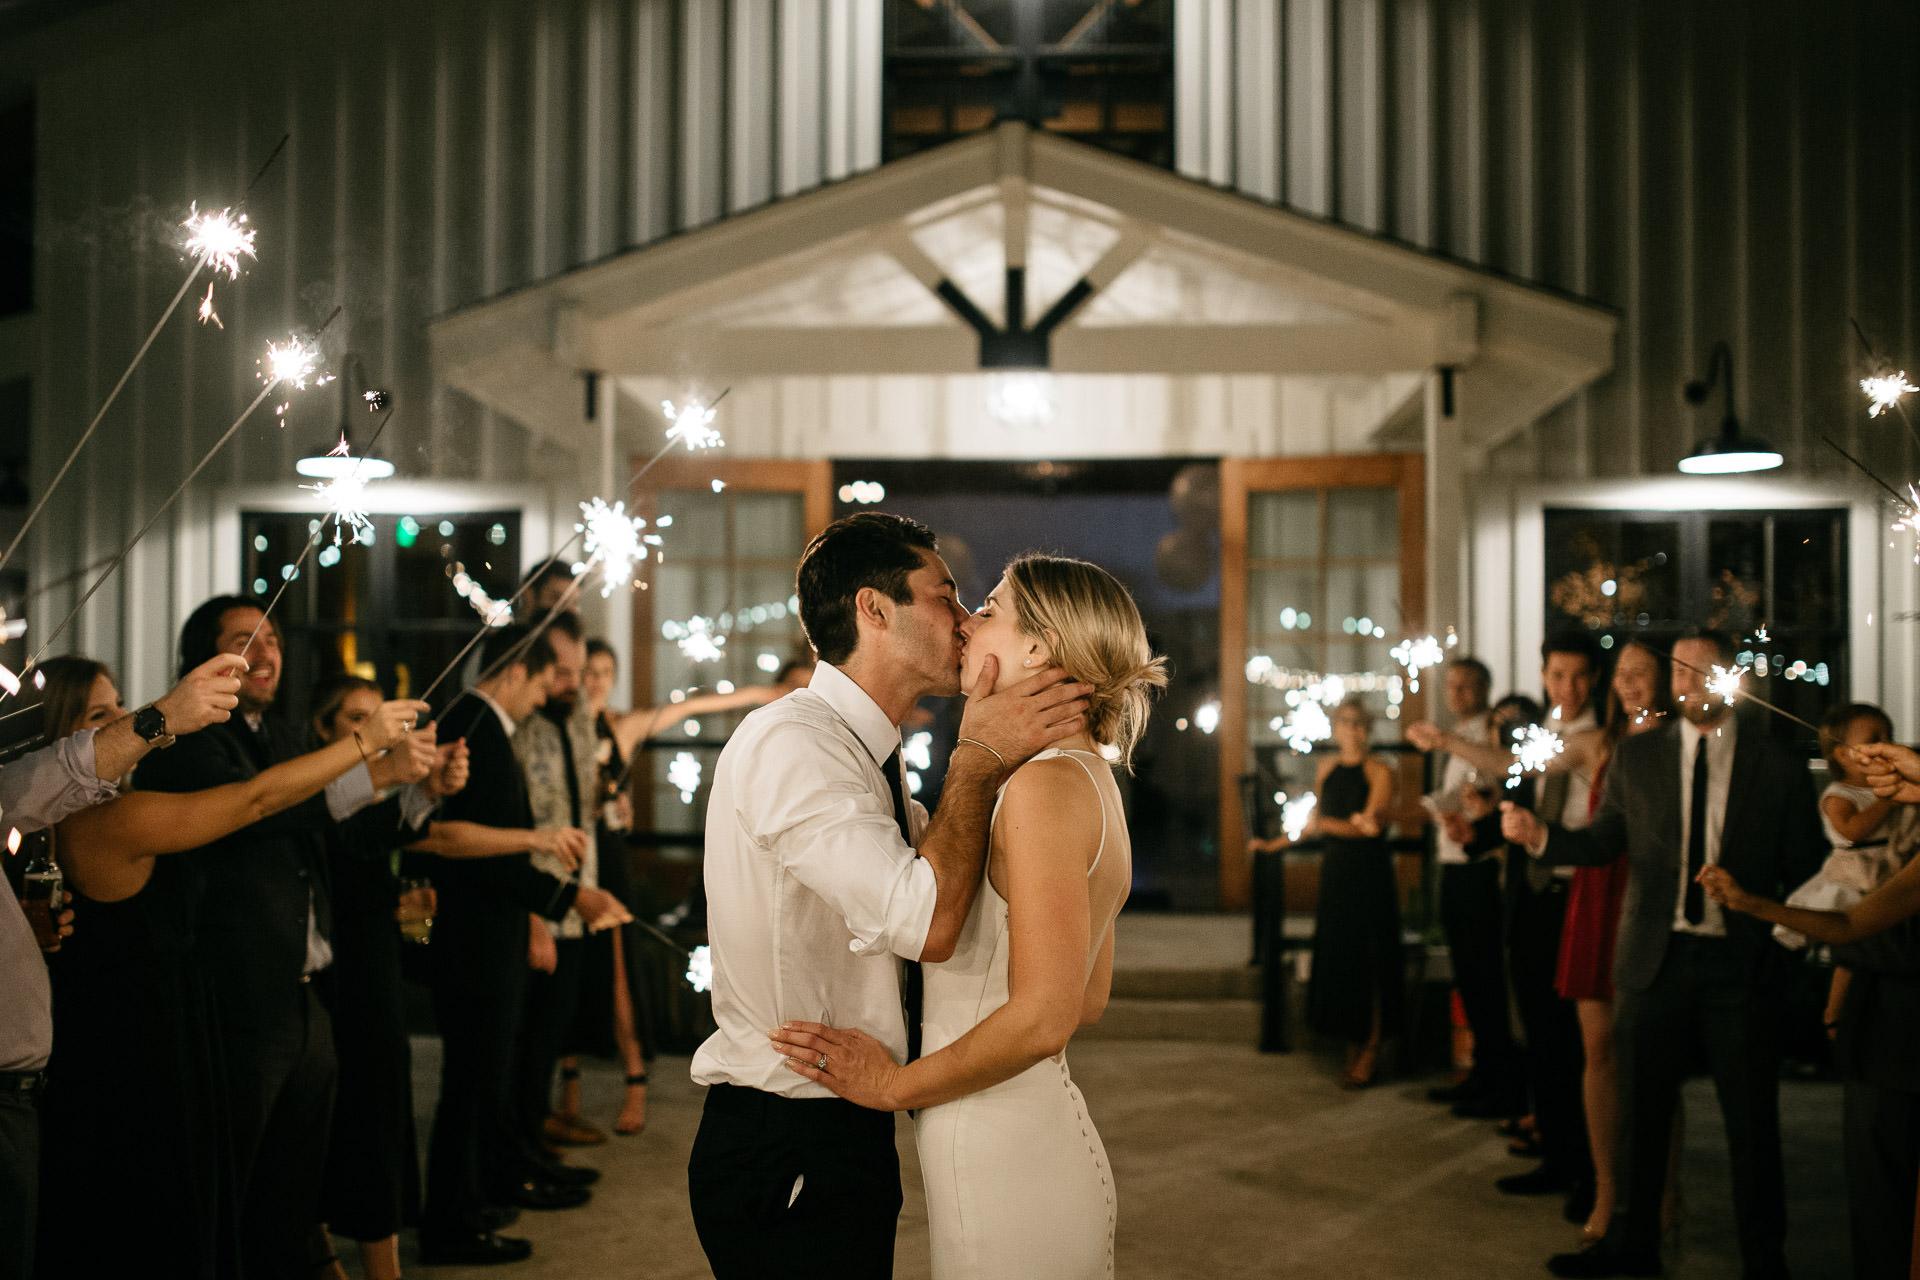 lauren_graham_wedding_california_park_winters_jeanlaurentgaudy_105